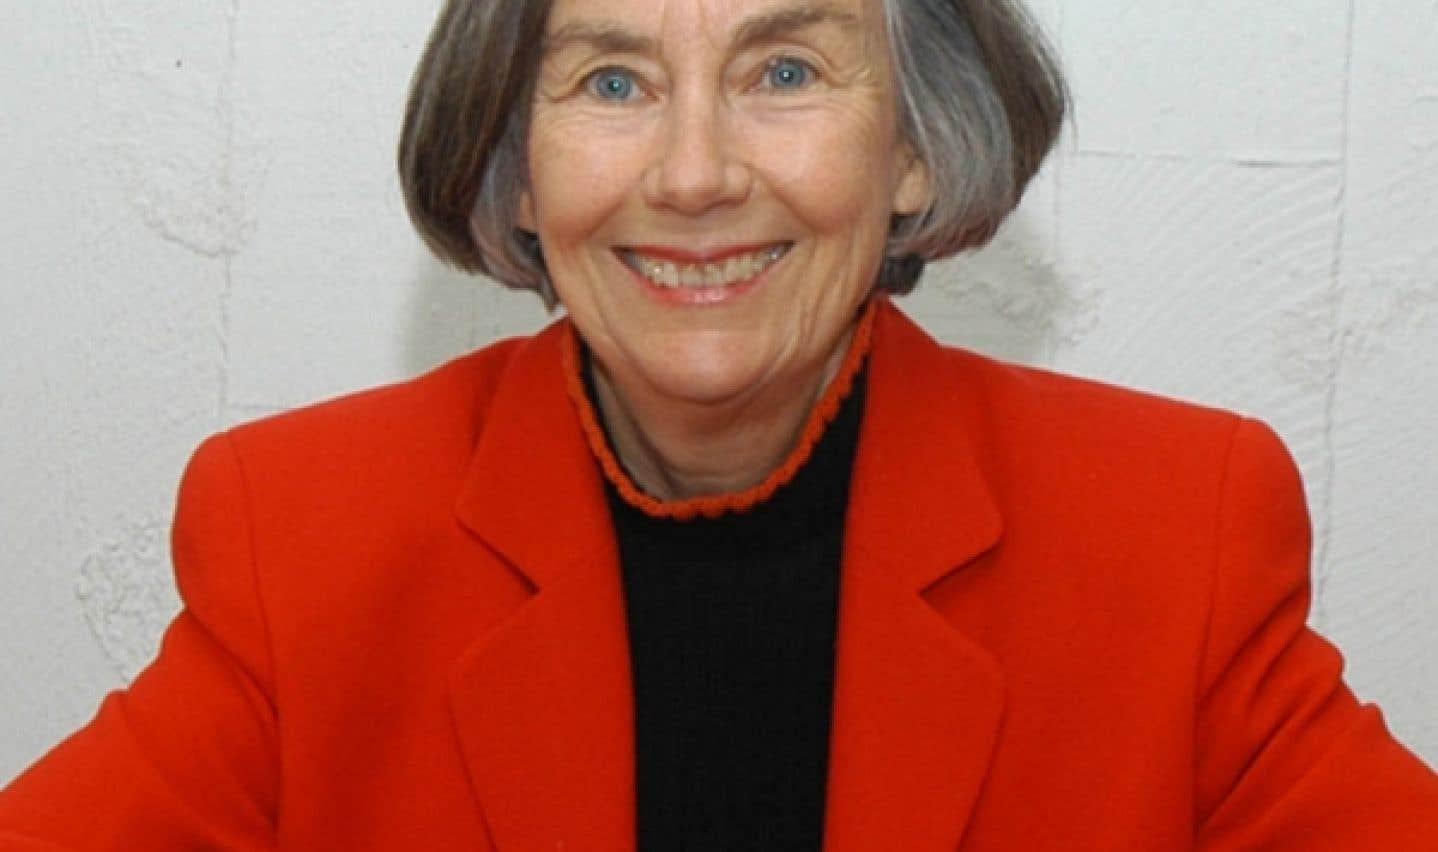 Lynn McDonald est professeure émérite au Département de sociologie et d'anthropologie de l'Université de Guelph et a été présidente du Comité canadien d'action sur le statut de la femme de 1979 à 1981.